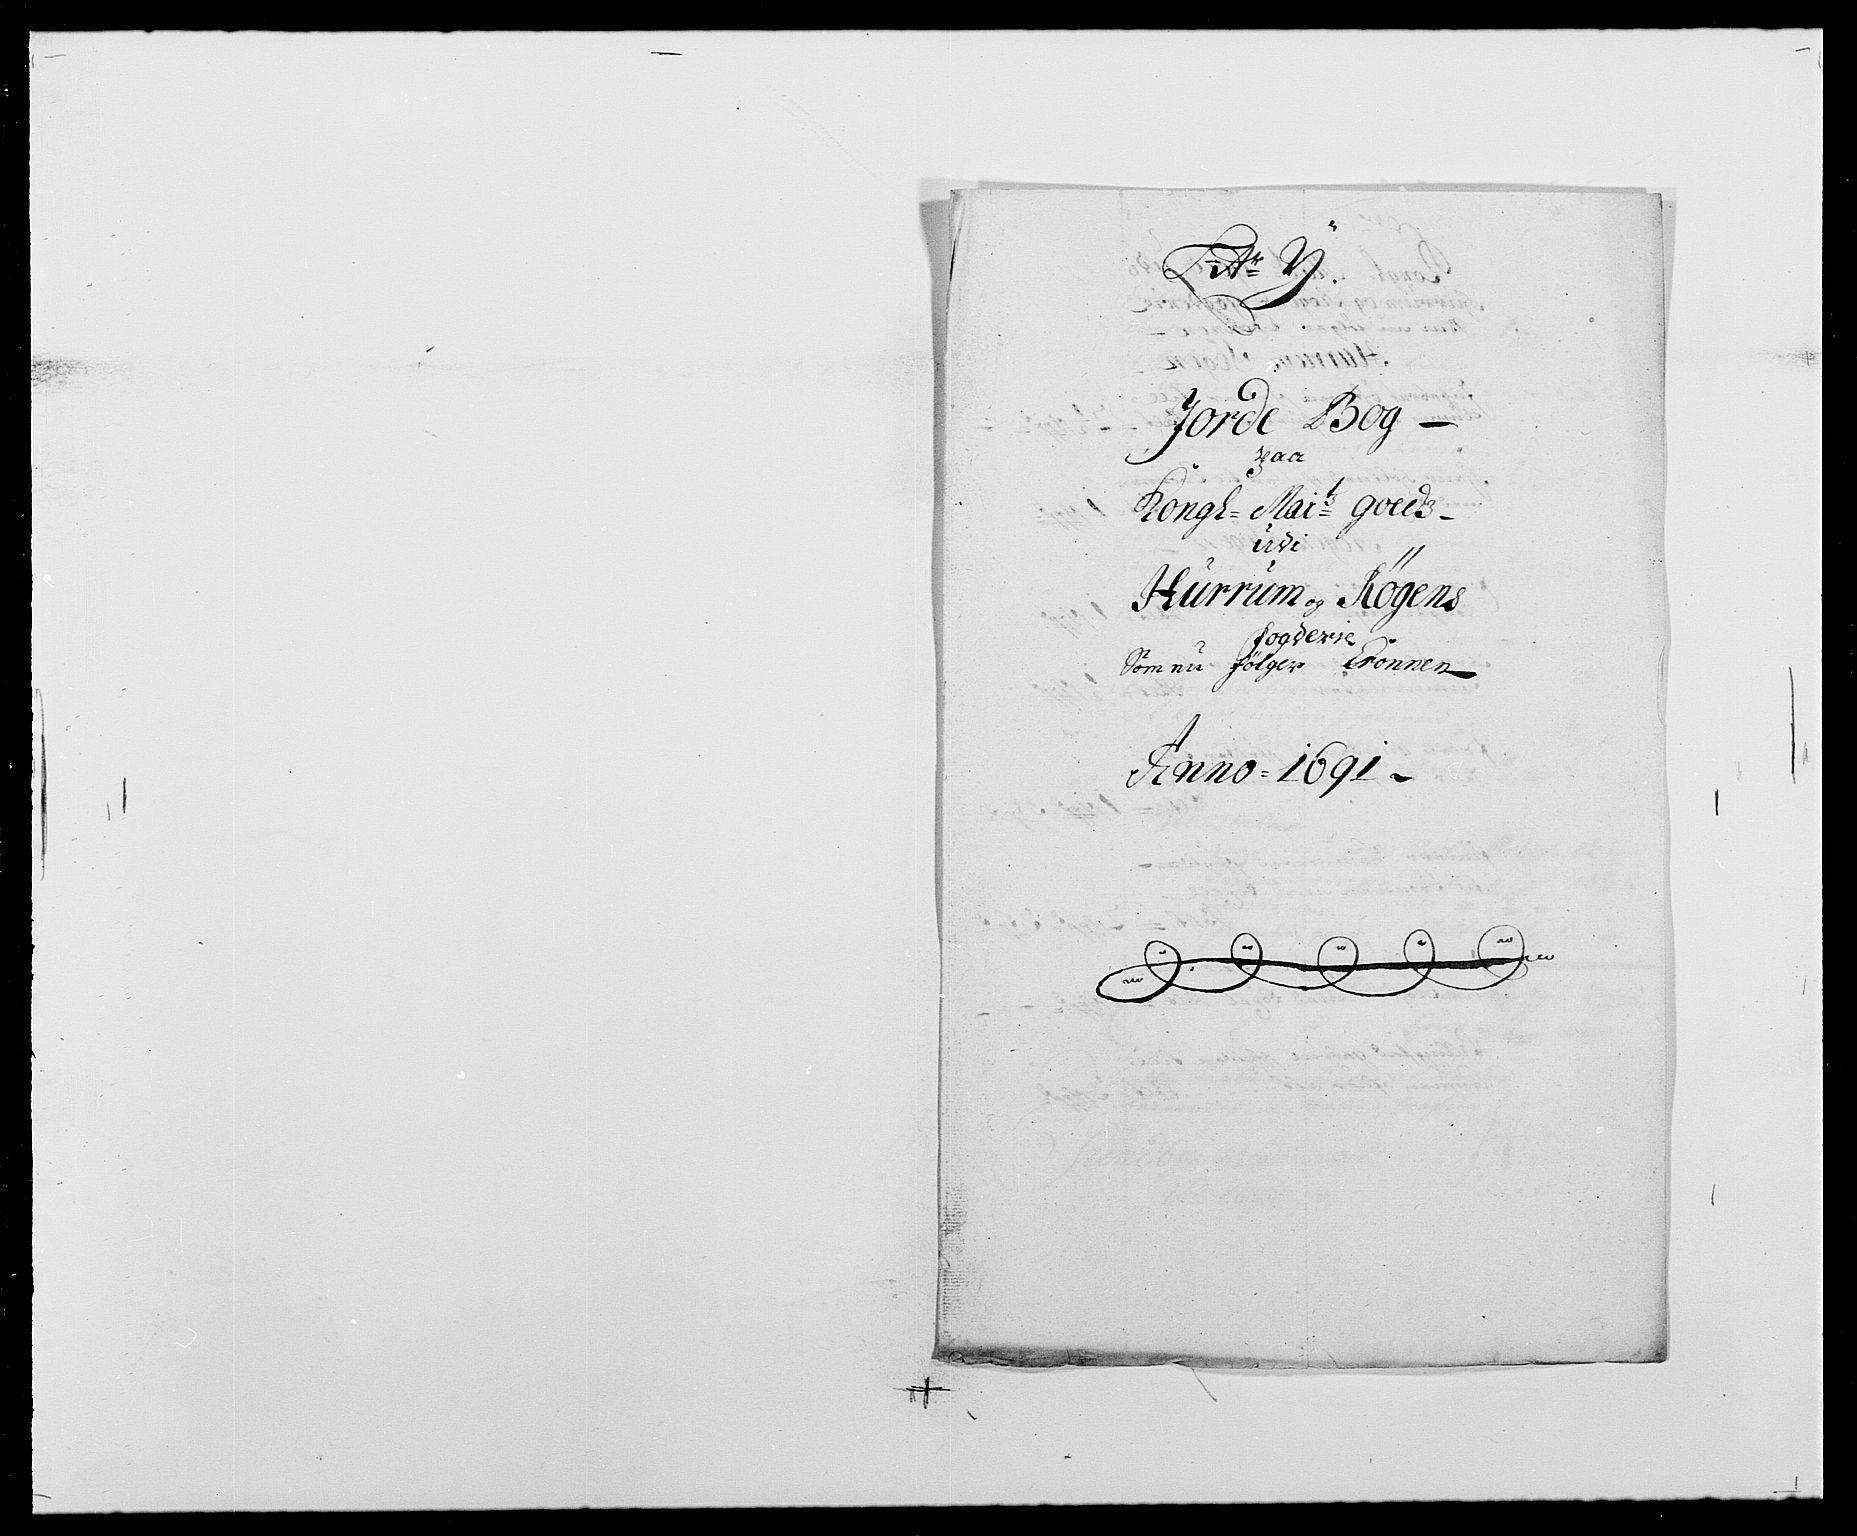 RA, Rentekammeret inntil 1814, Reviderte regnskaper, Fogderegnskap, R29/L1693: Fogderegnskap Hurum og Røyken, 1688-1693, s. 190